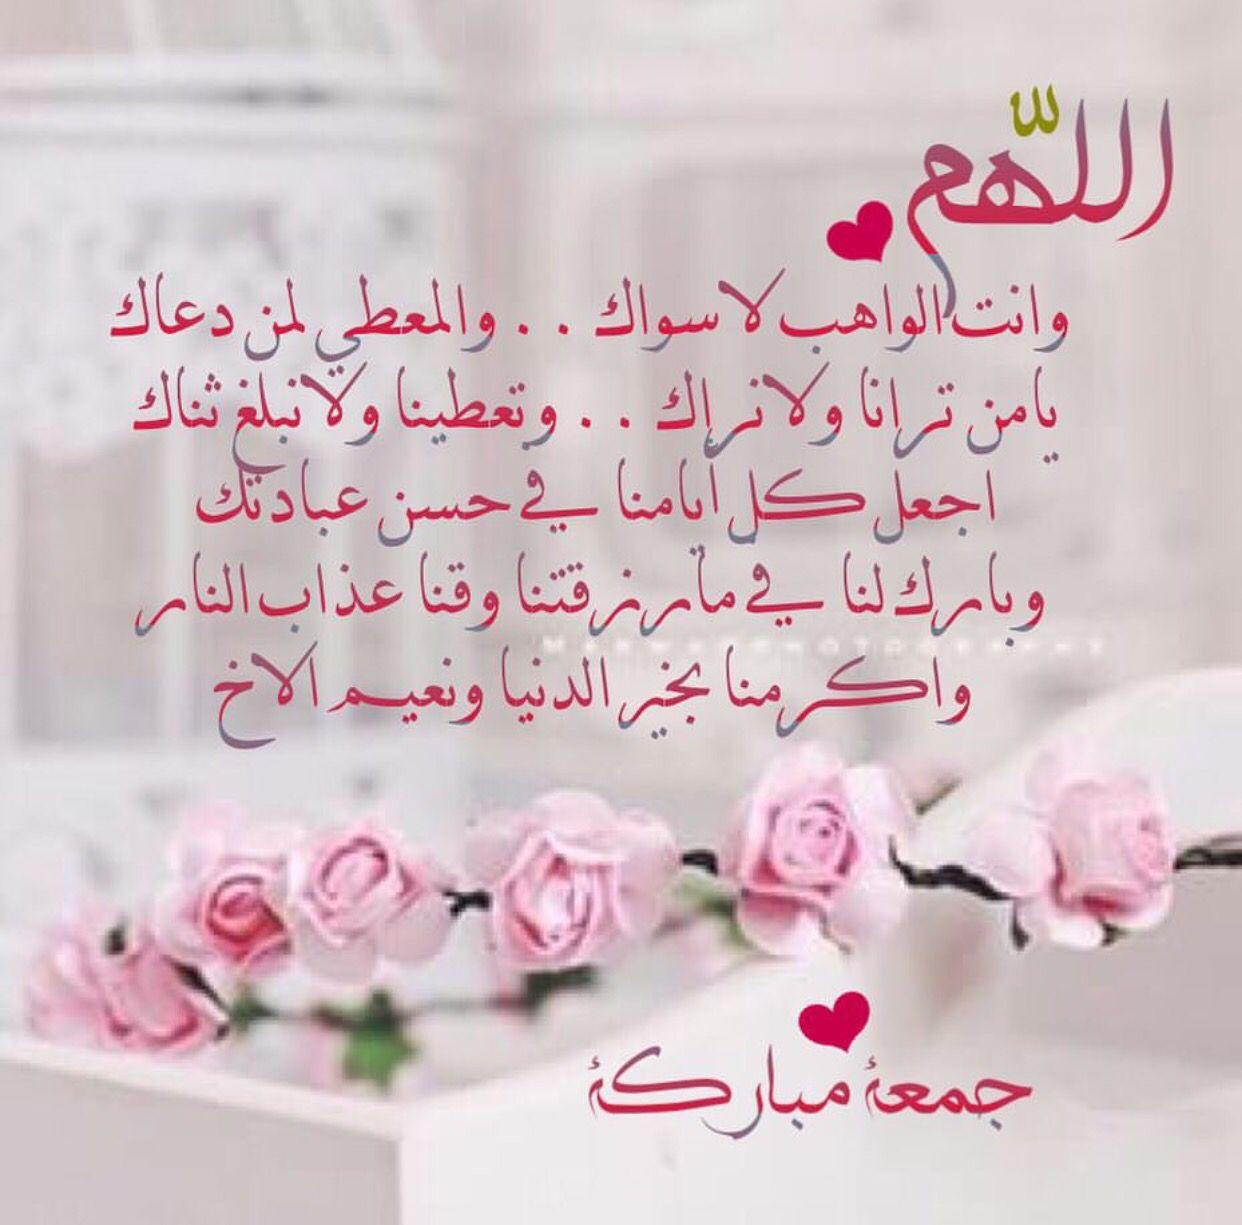 جمعة طيبة مباركة Jumma Mubarak Images Good Morning Greetings Islamic Images